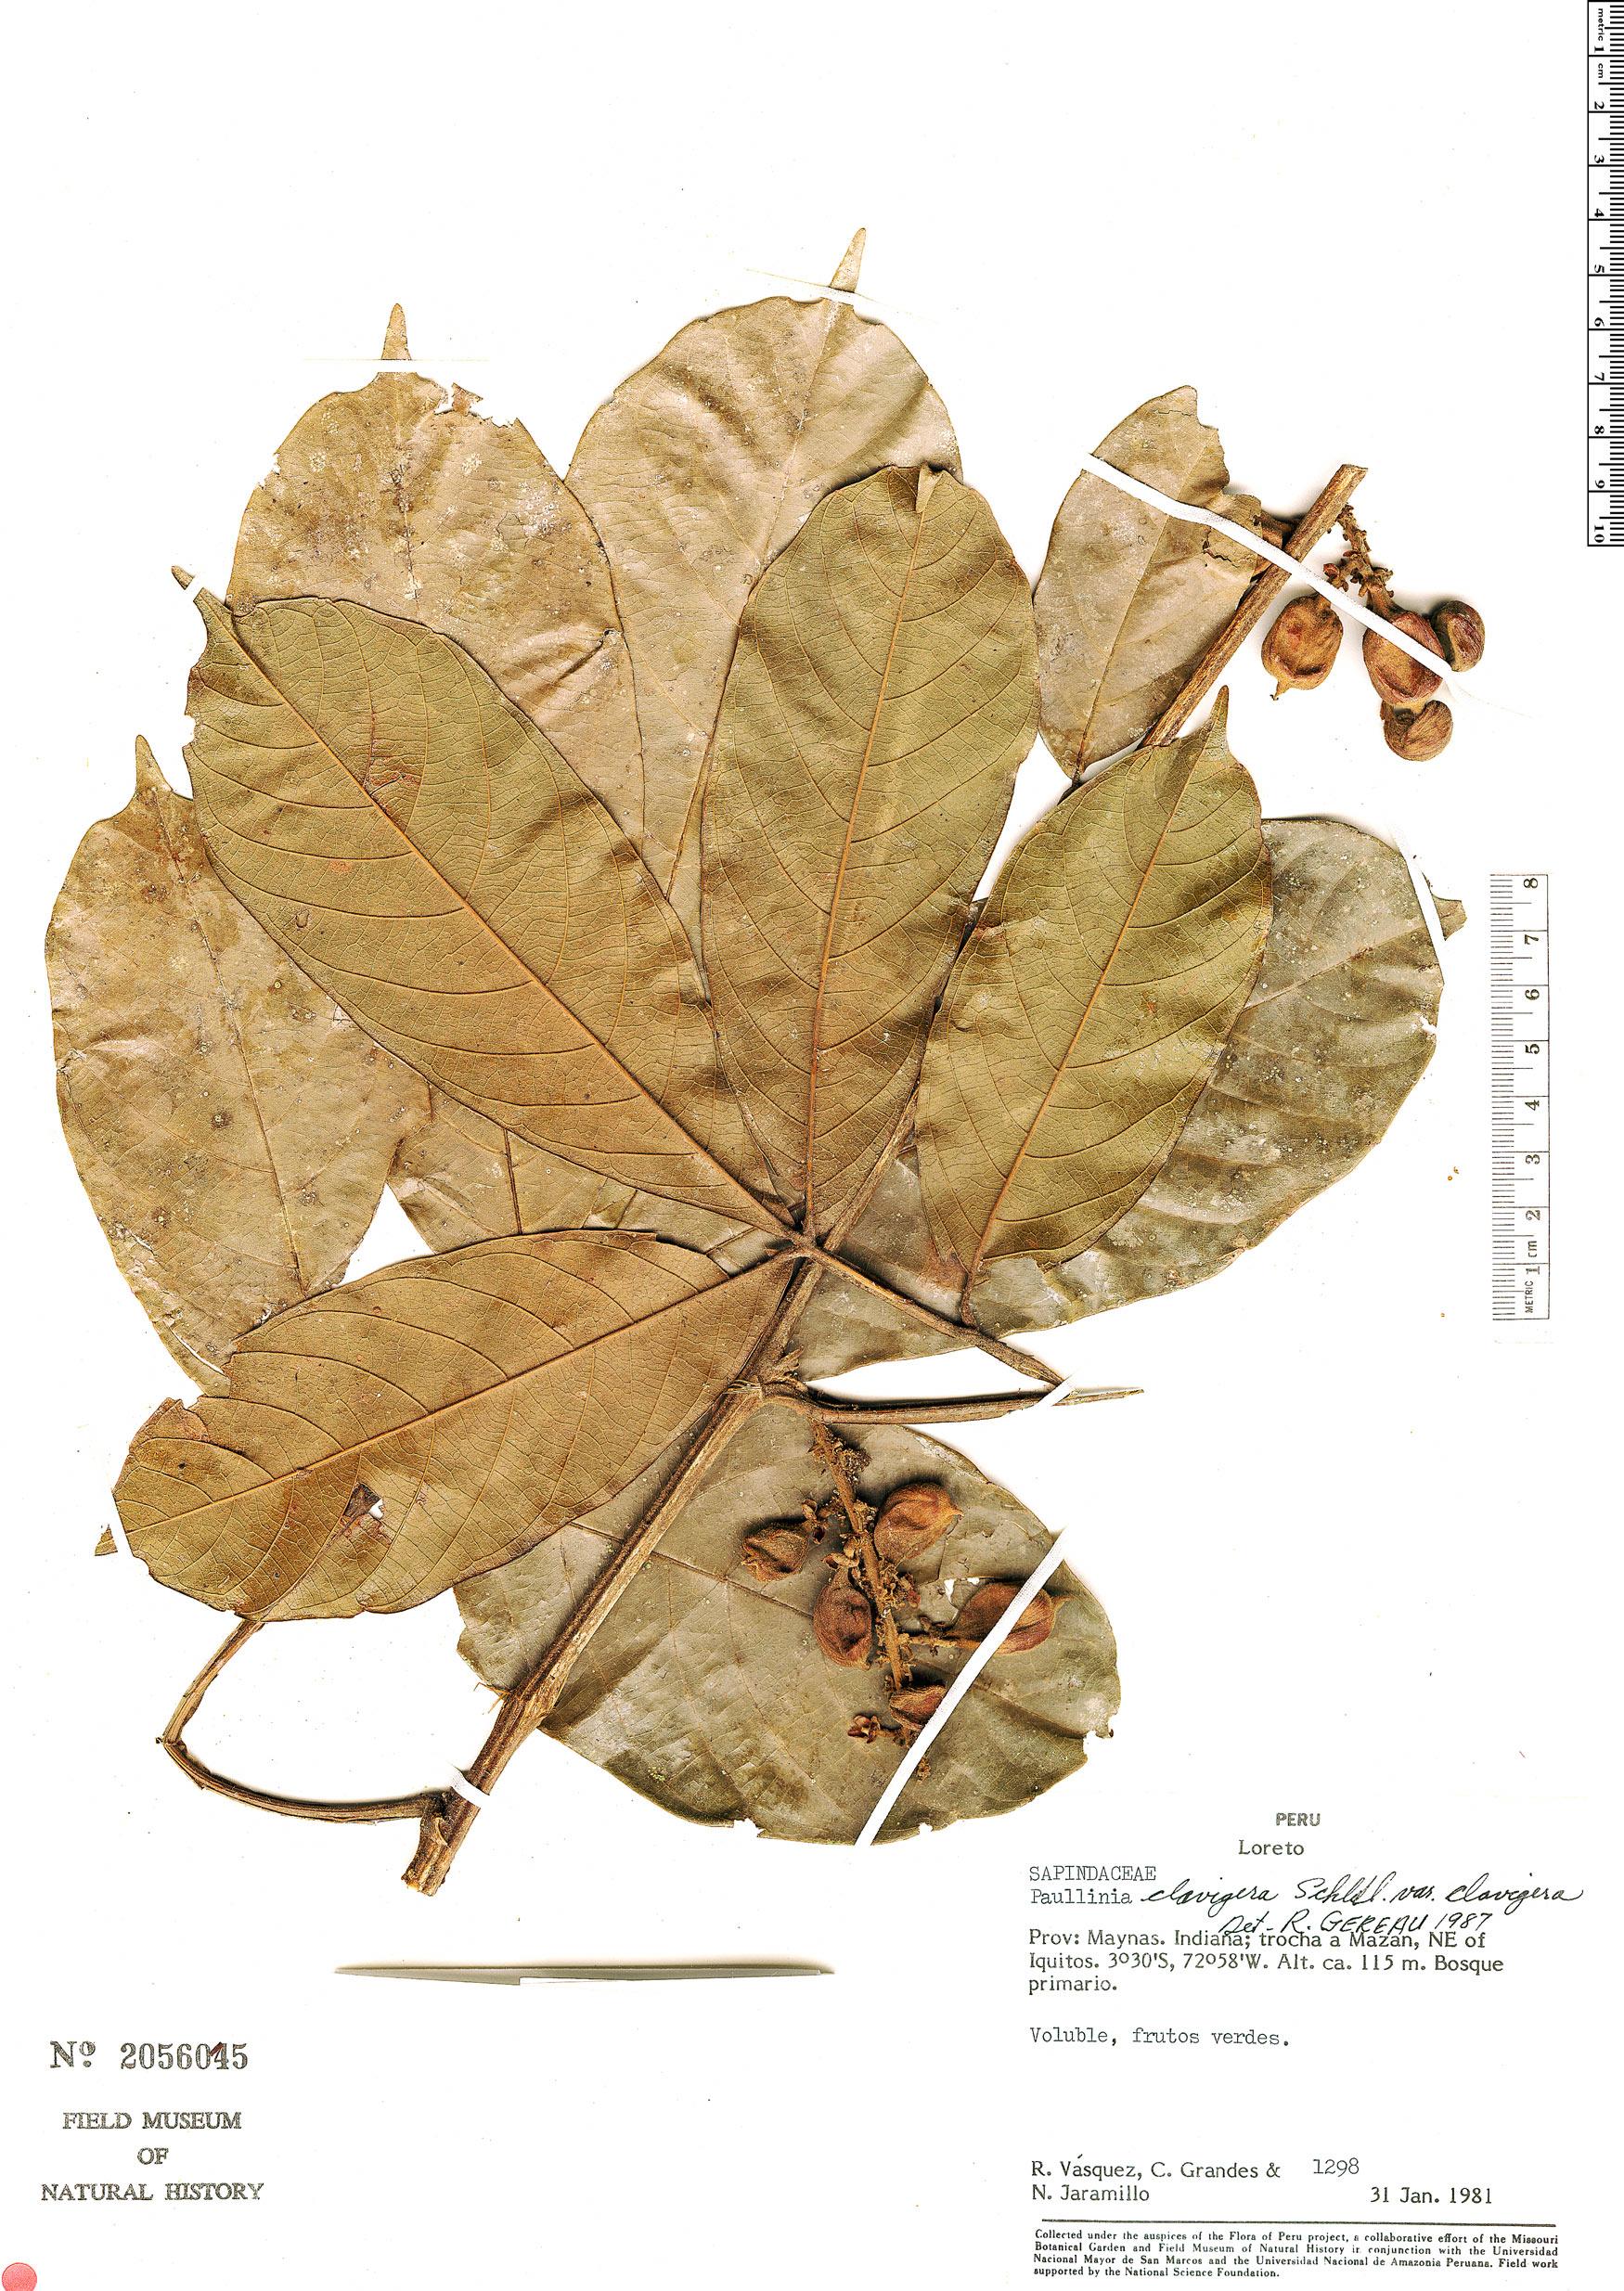 Specimen: Paullinia clavigera